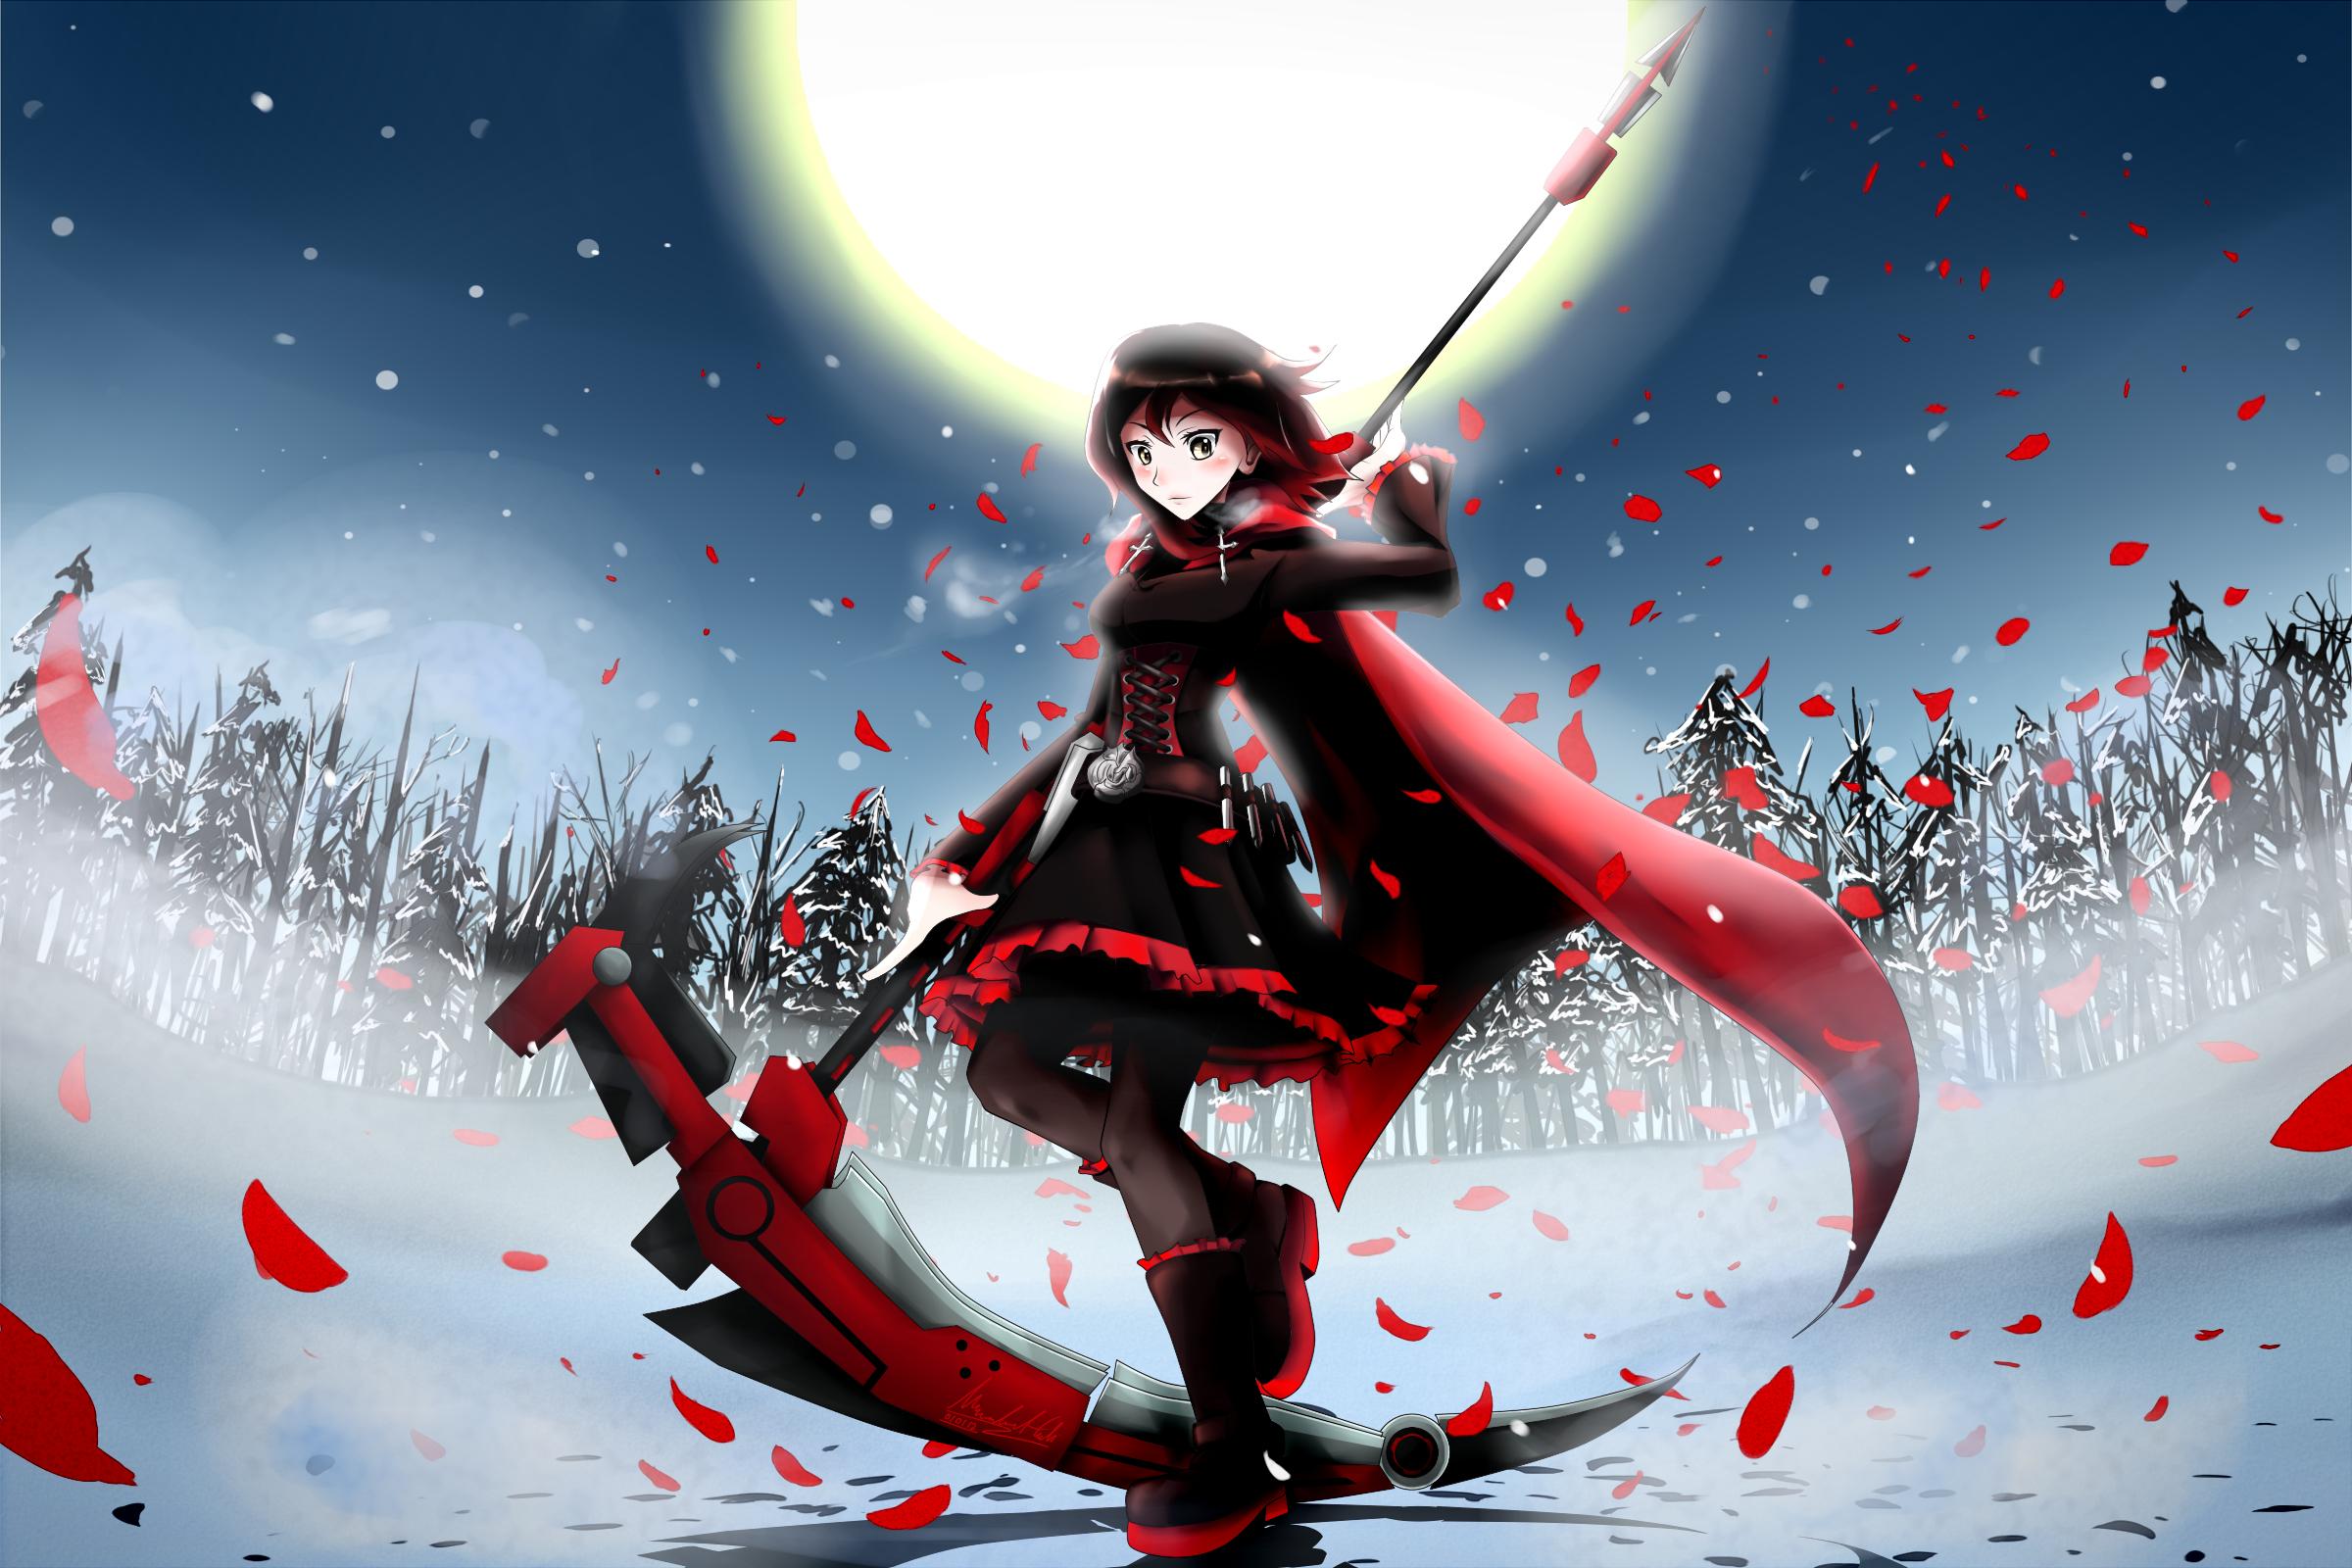 Image Result For Anime Girl Red Eyes Wallpaper